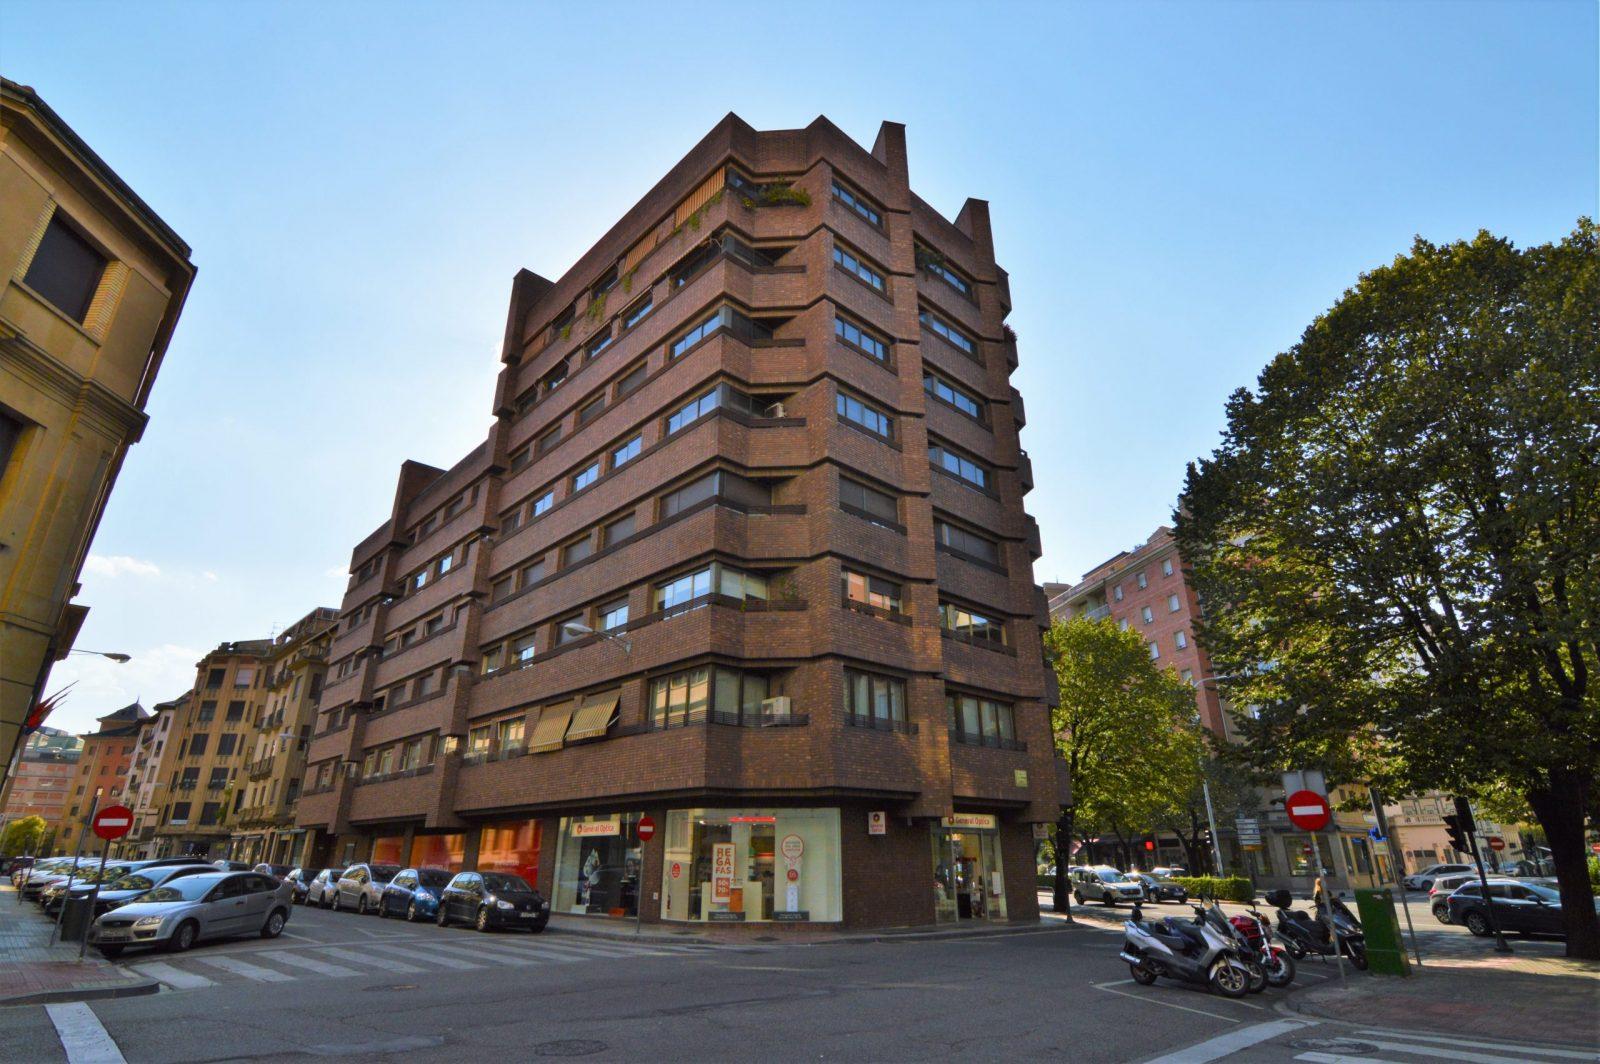 Plaza de garaje Avenida de la Baja Navarra, 2, St. 2, Nº 15